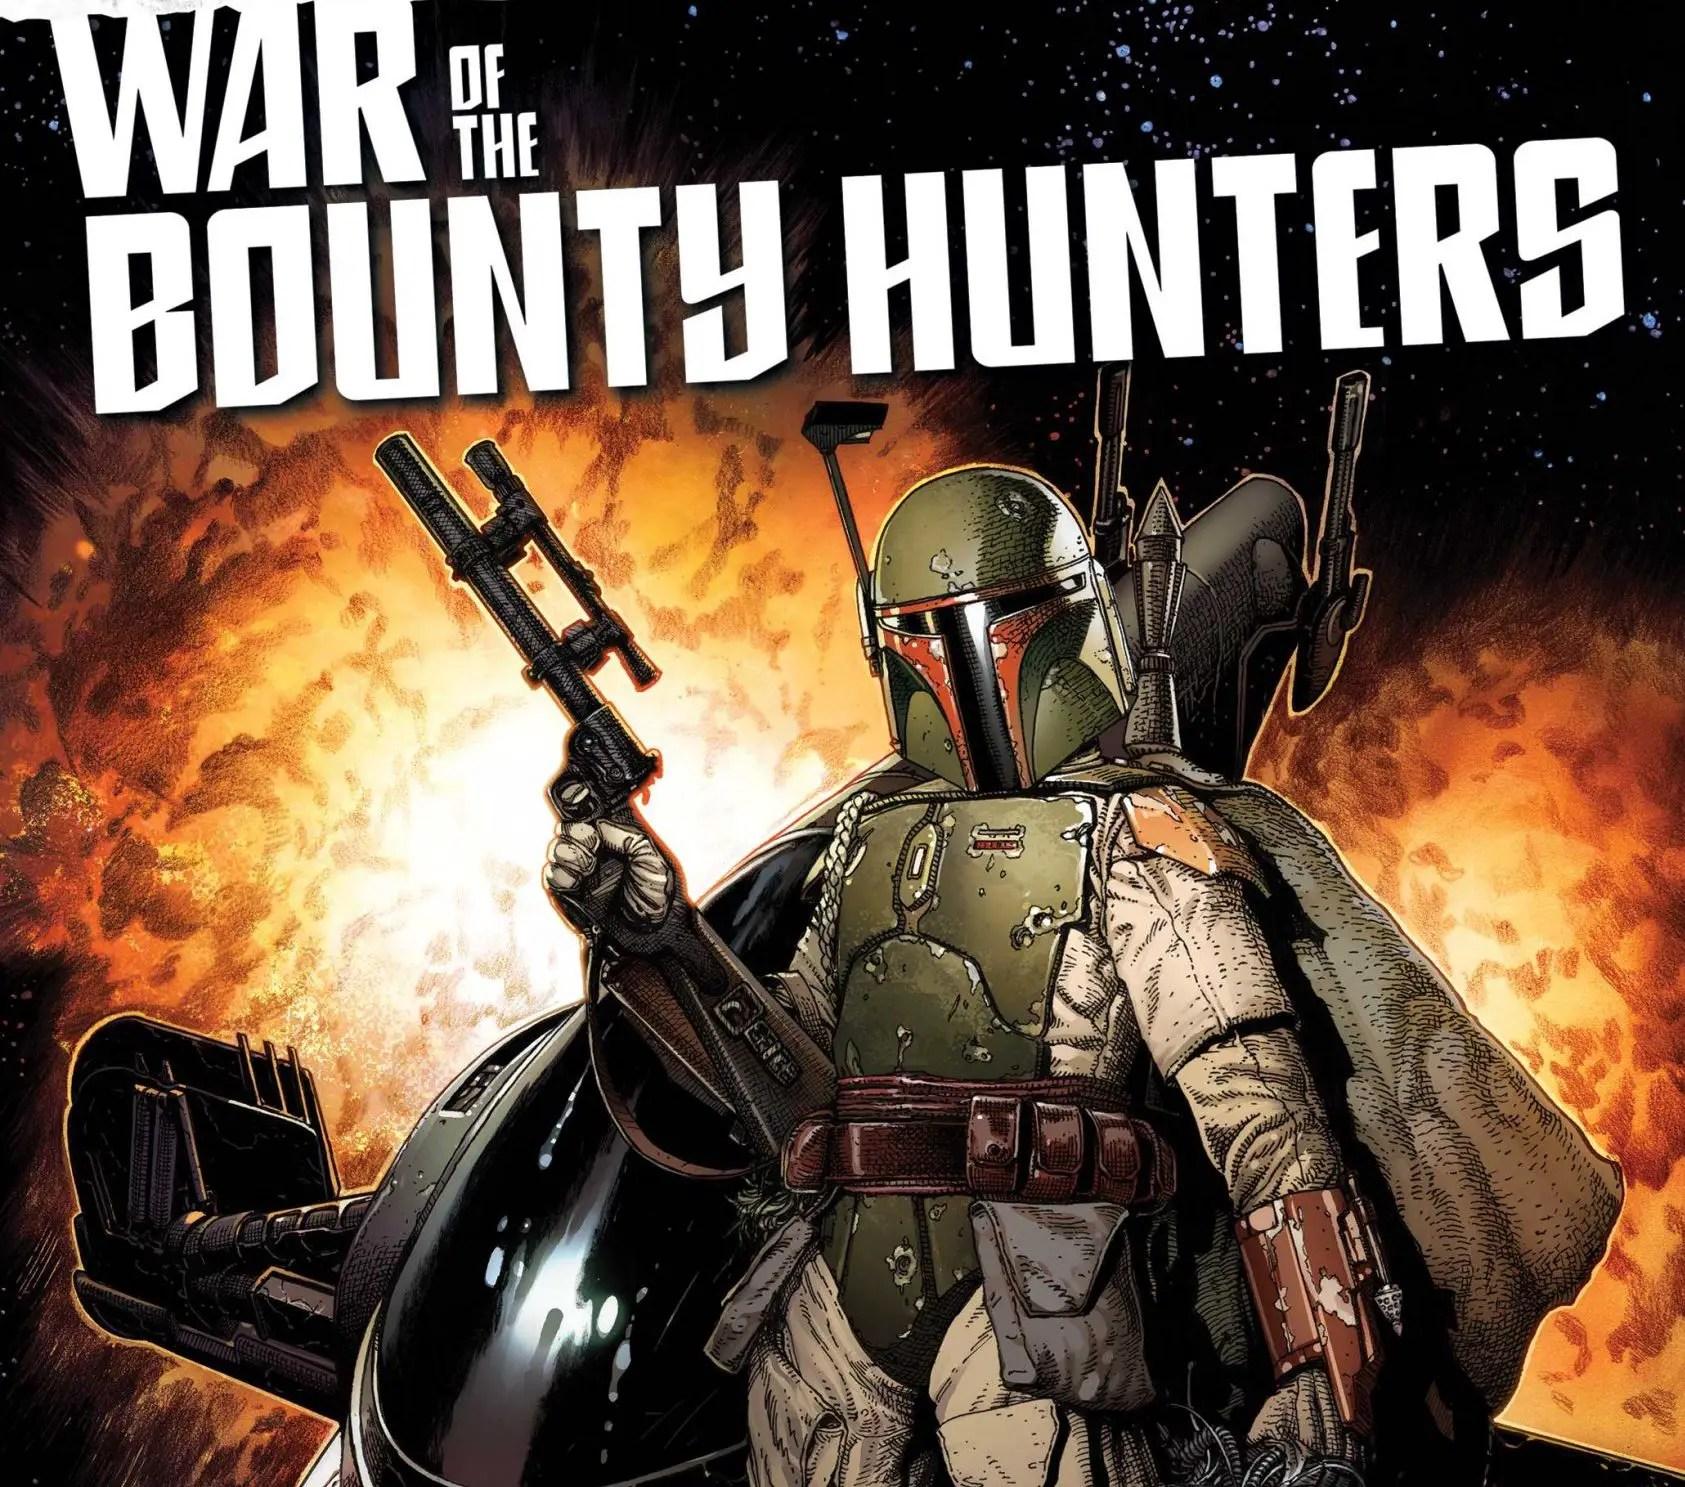 'Star Wars: War of the Bounty Hunters' #1 is a fandom-friendly story